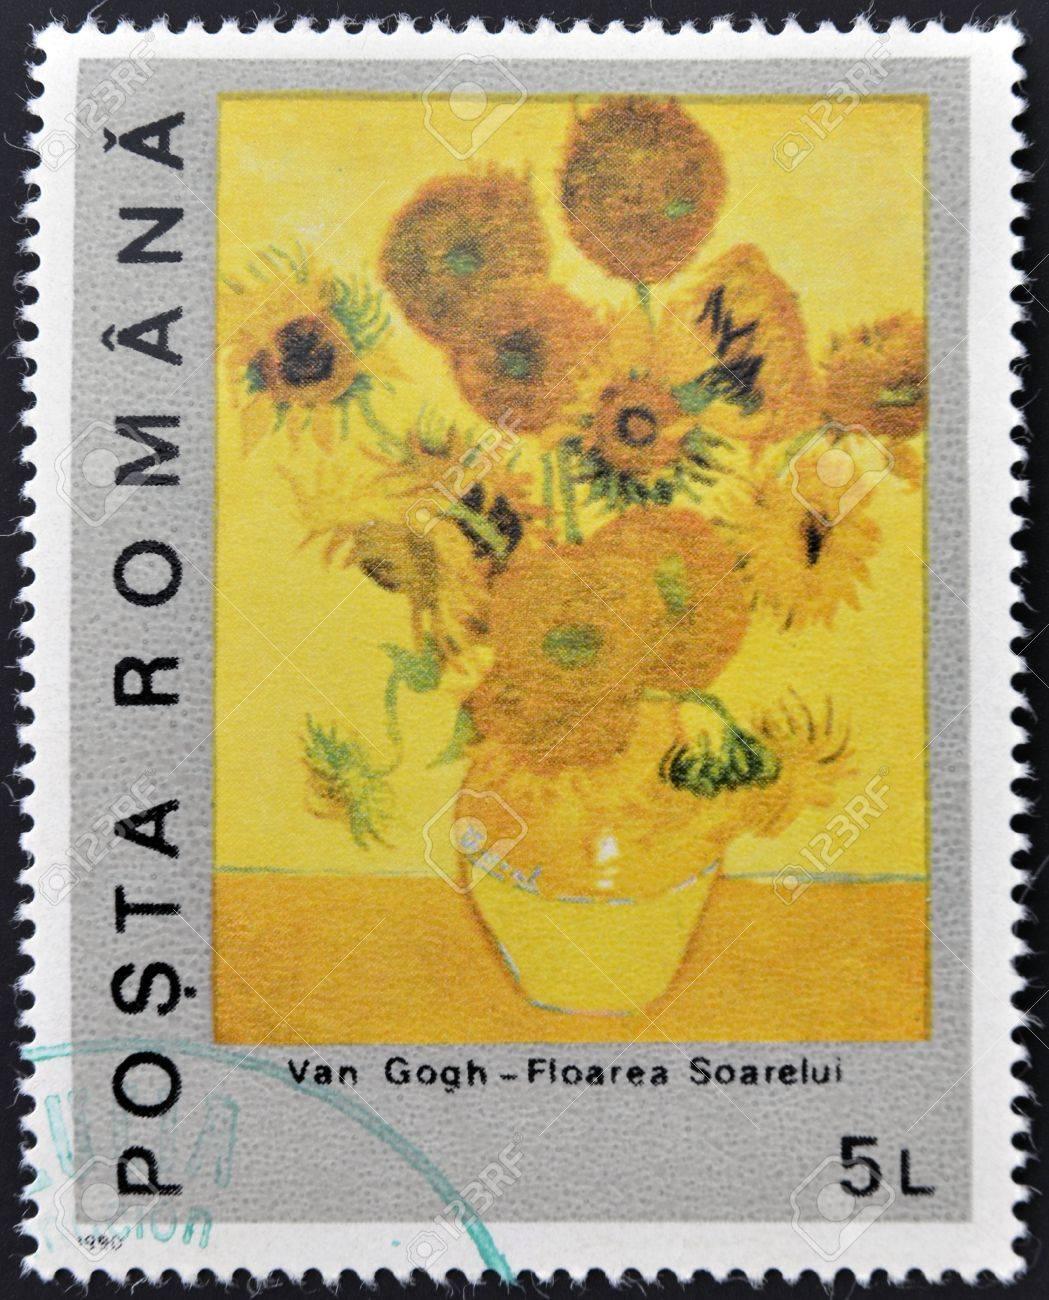 Rumänien Circa 1990 Ein Stempel In Rumänien Gedruckt Zeigt